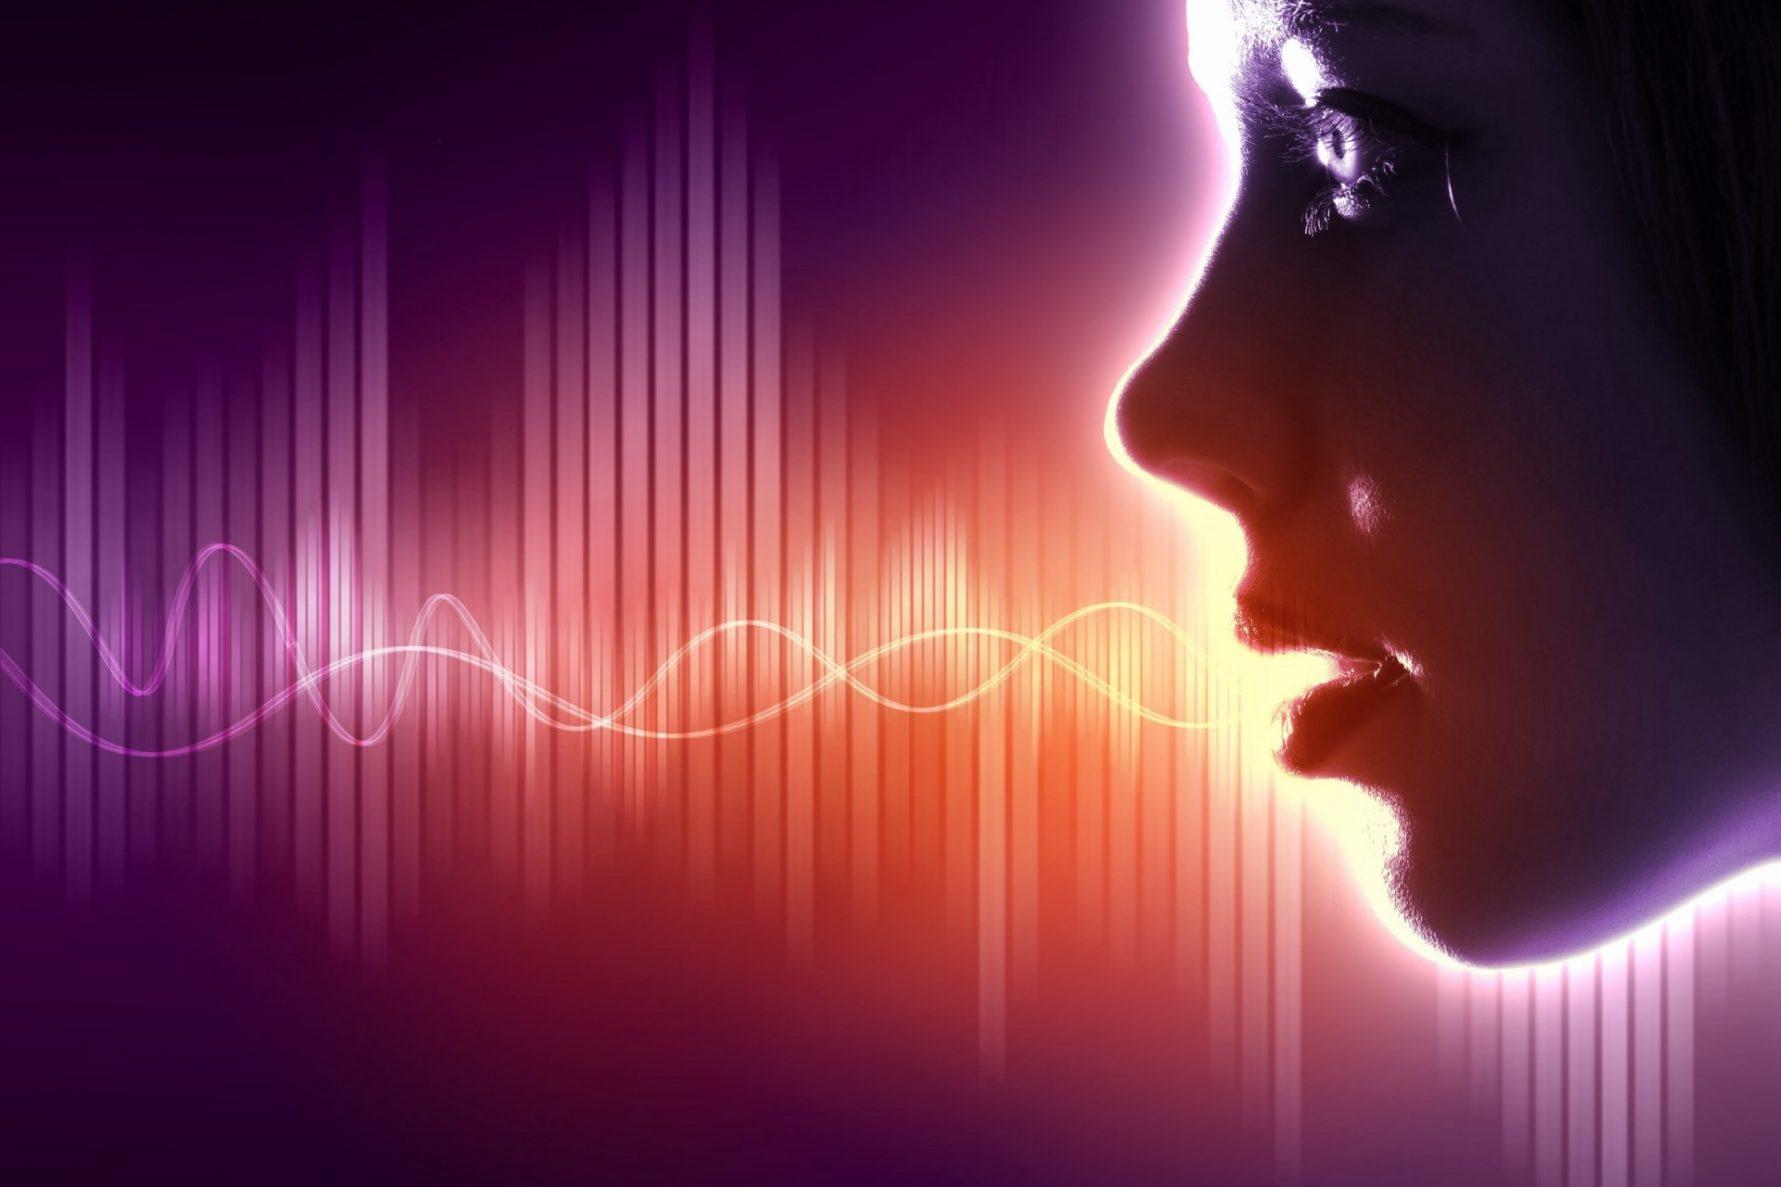 音声認証技術が止まらない。視覚が要らなくなった時、UIデザイナーは何をする?